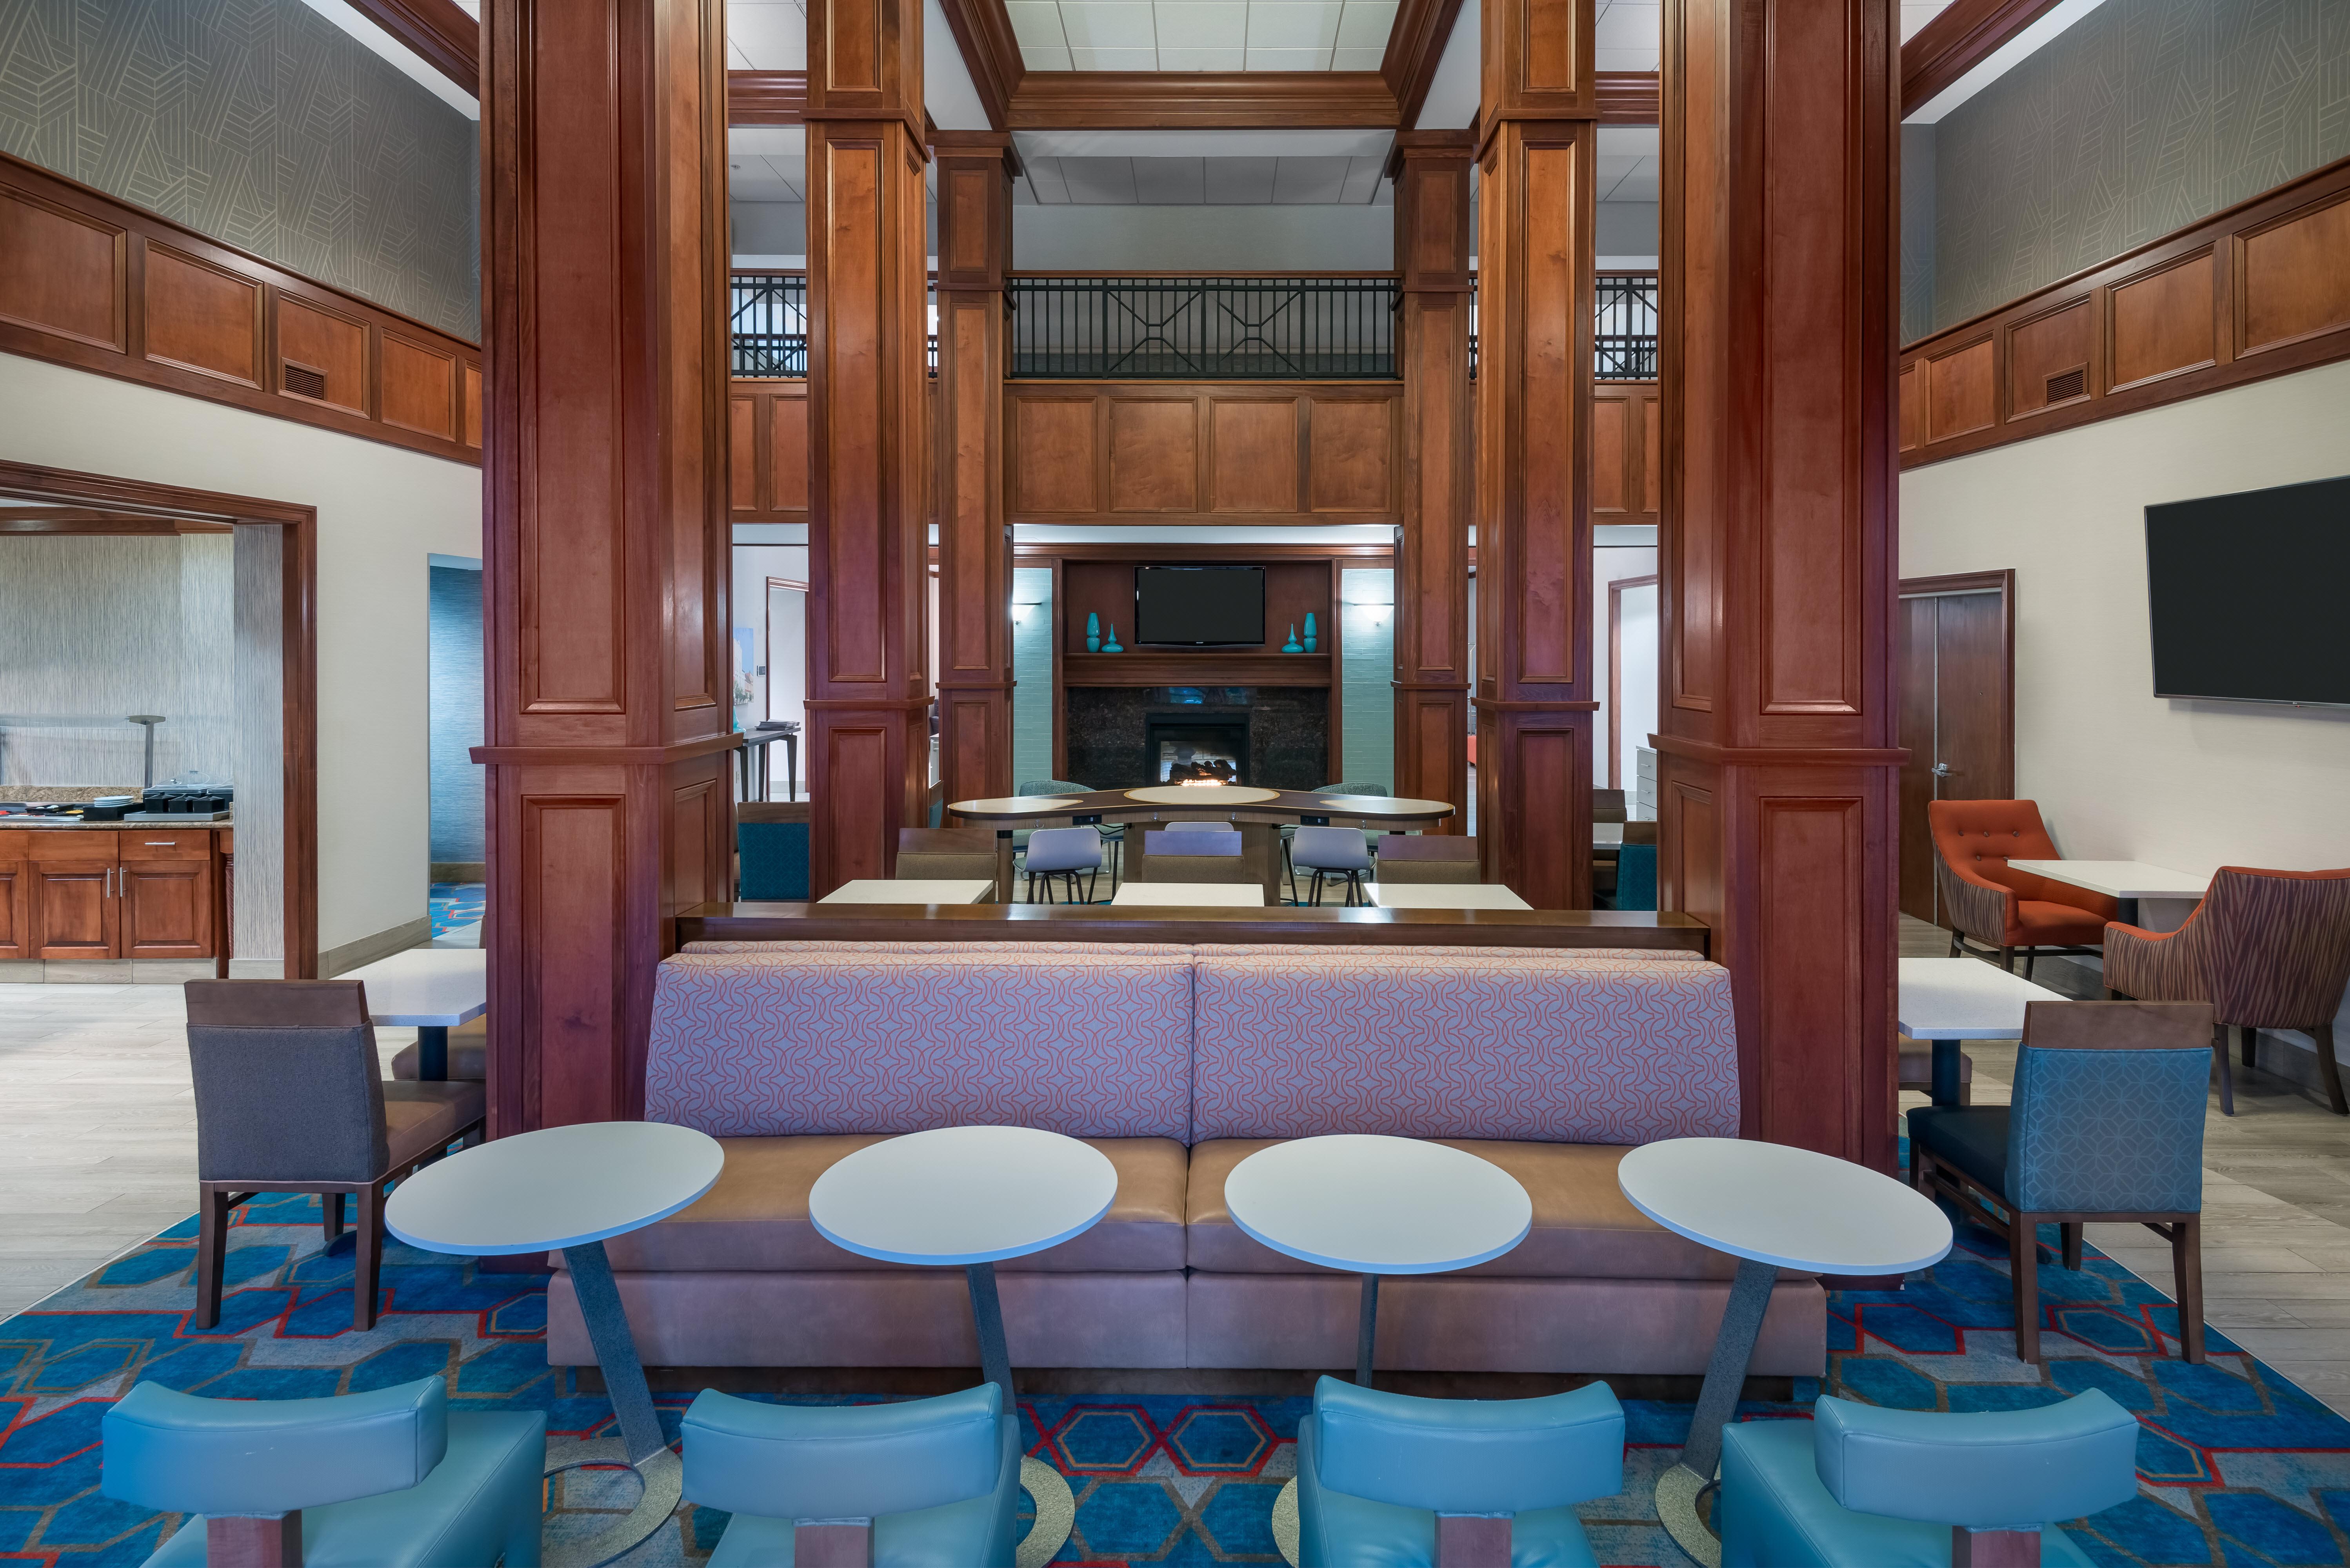 Homewood Suites by Hilton Cleveland-Beachwood image 16